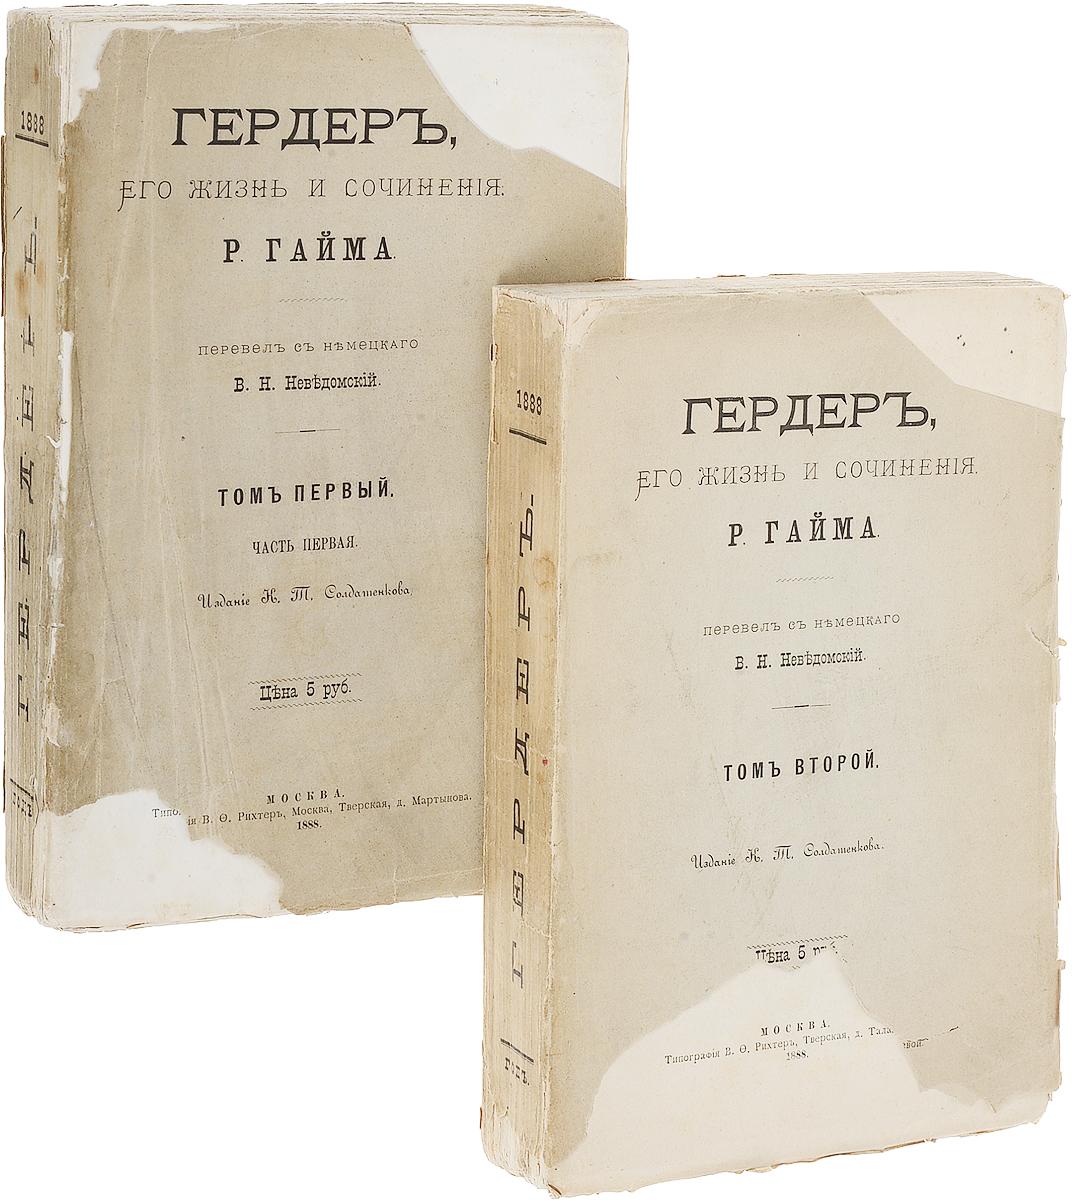 Гердер, его жизнь и сочинения (комплект из 2 книг).